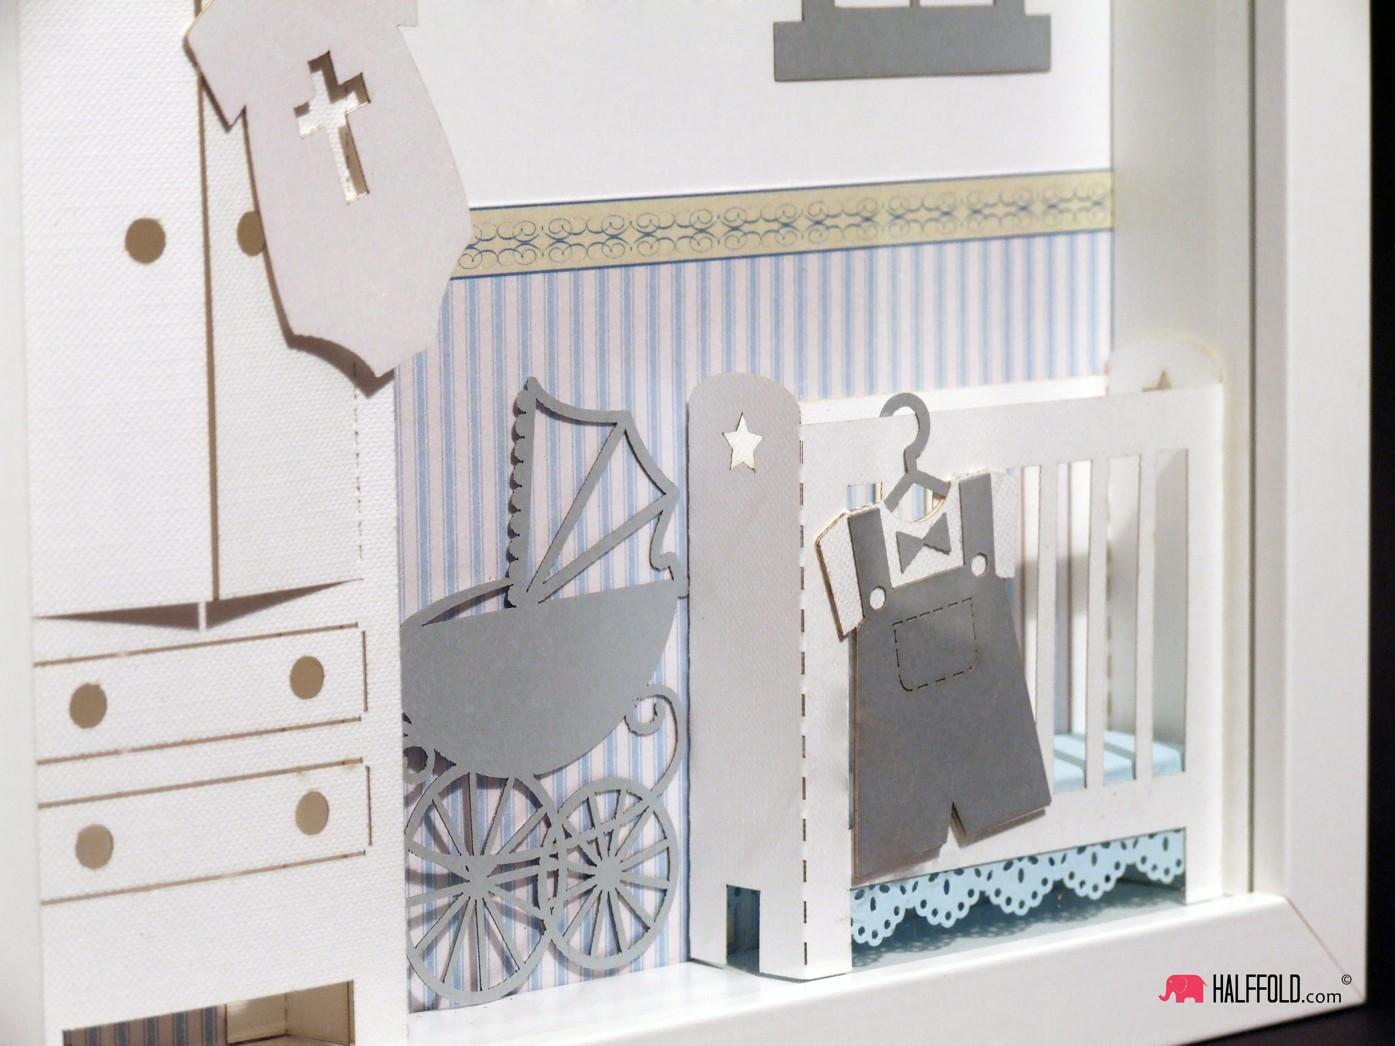 Chrzest pamiątka chrztu narodziny dziecka metryczka obraz 3d handmade dziewczynki